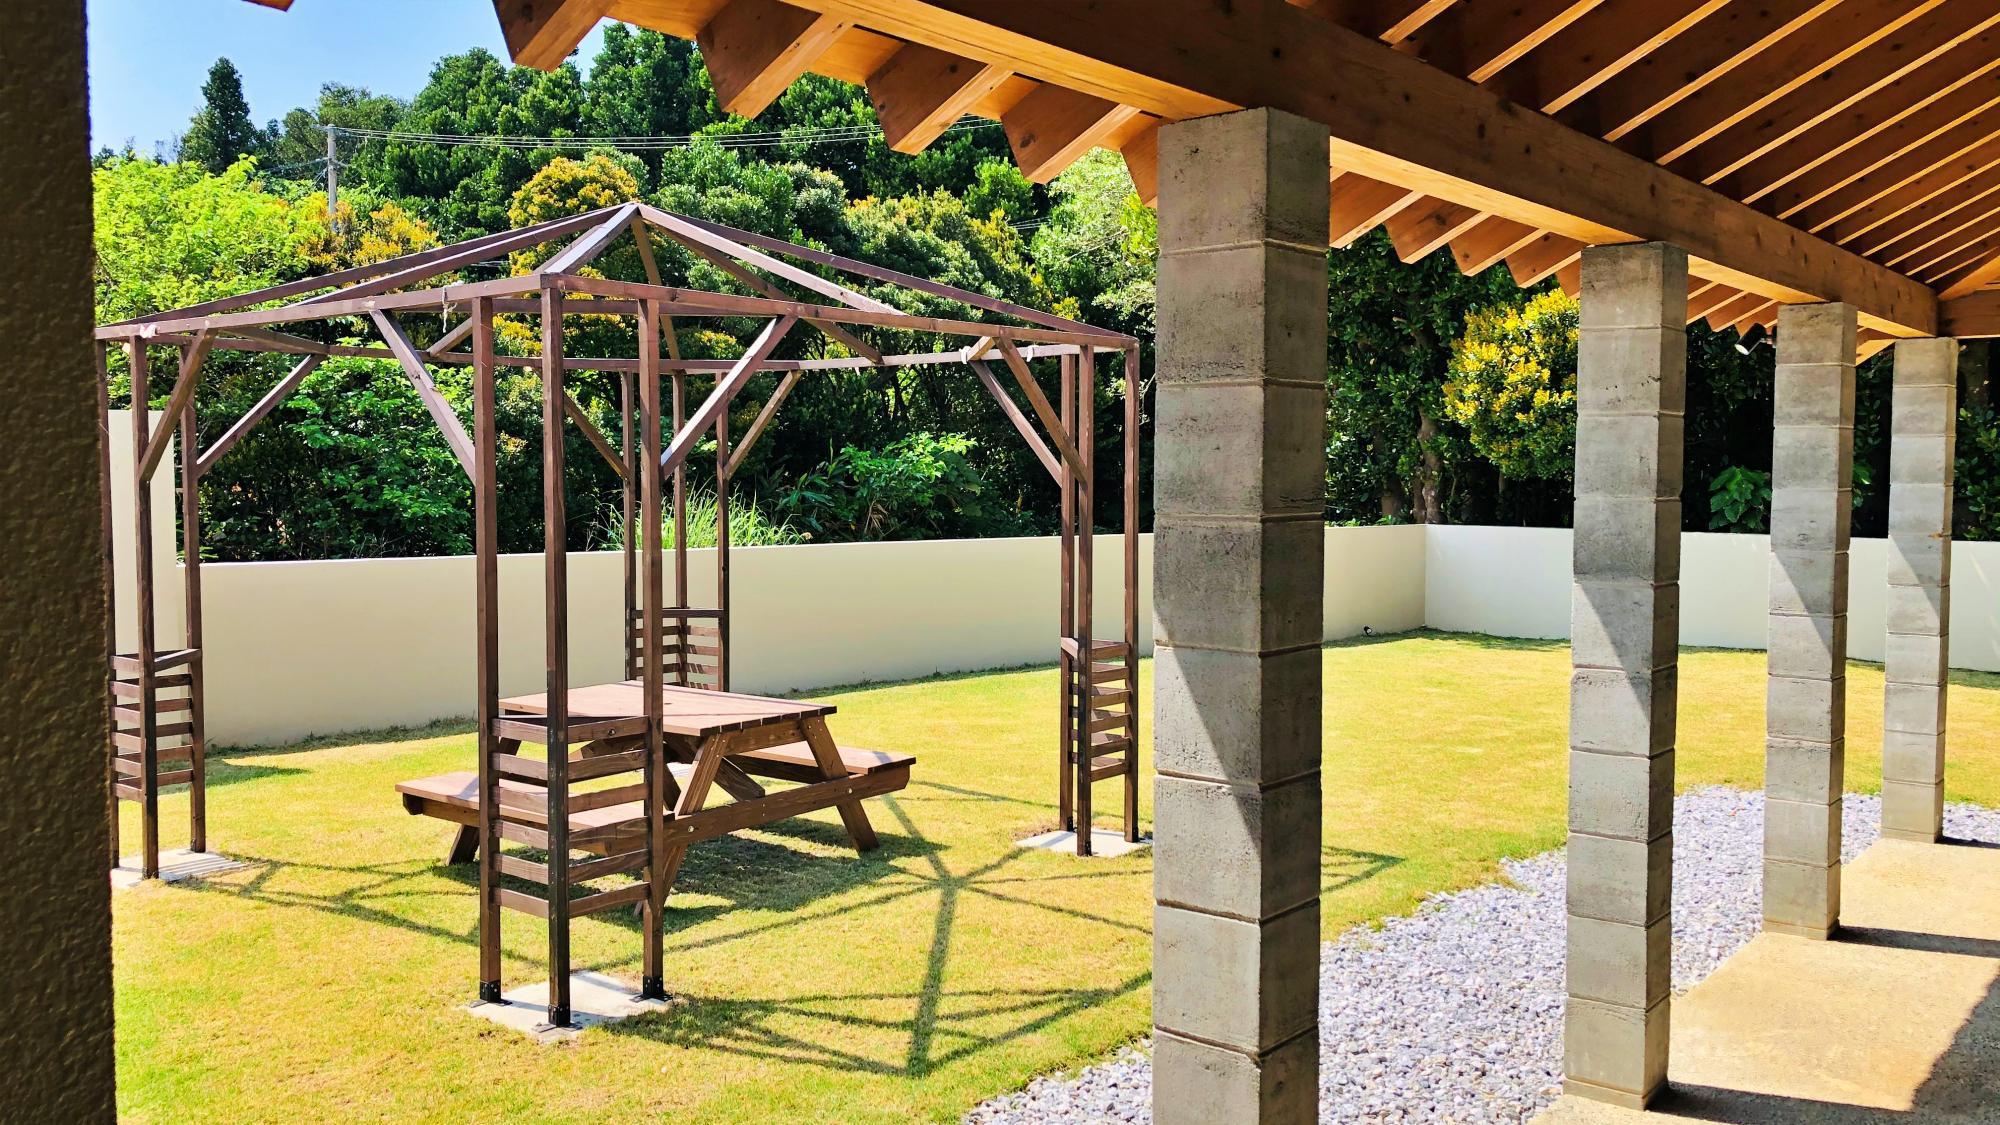 『VIP:フクギ』広いお庭で静かなゆったりとした時間を過ごせます